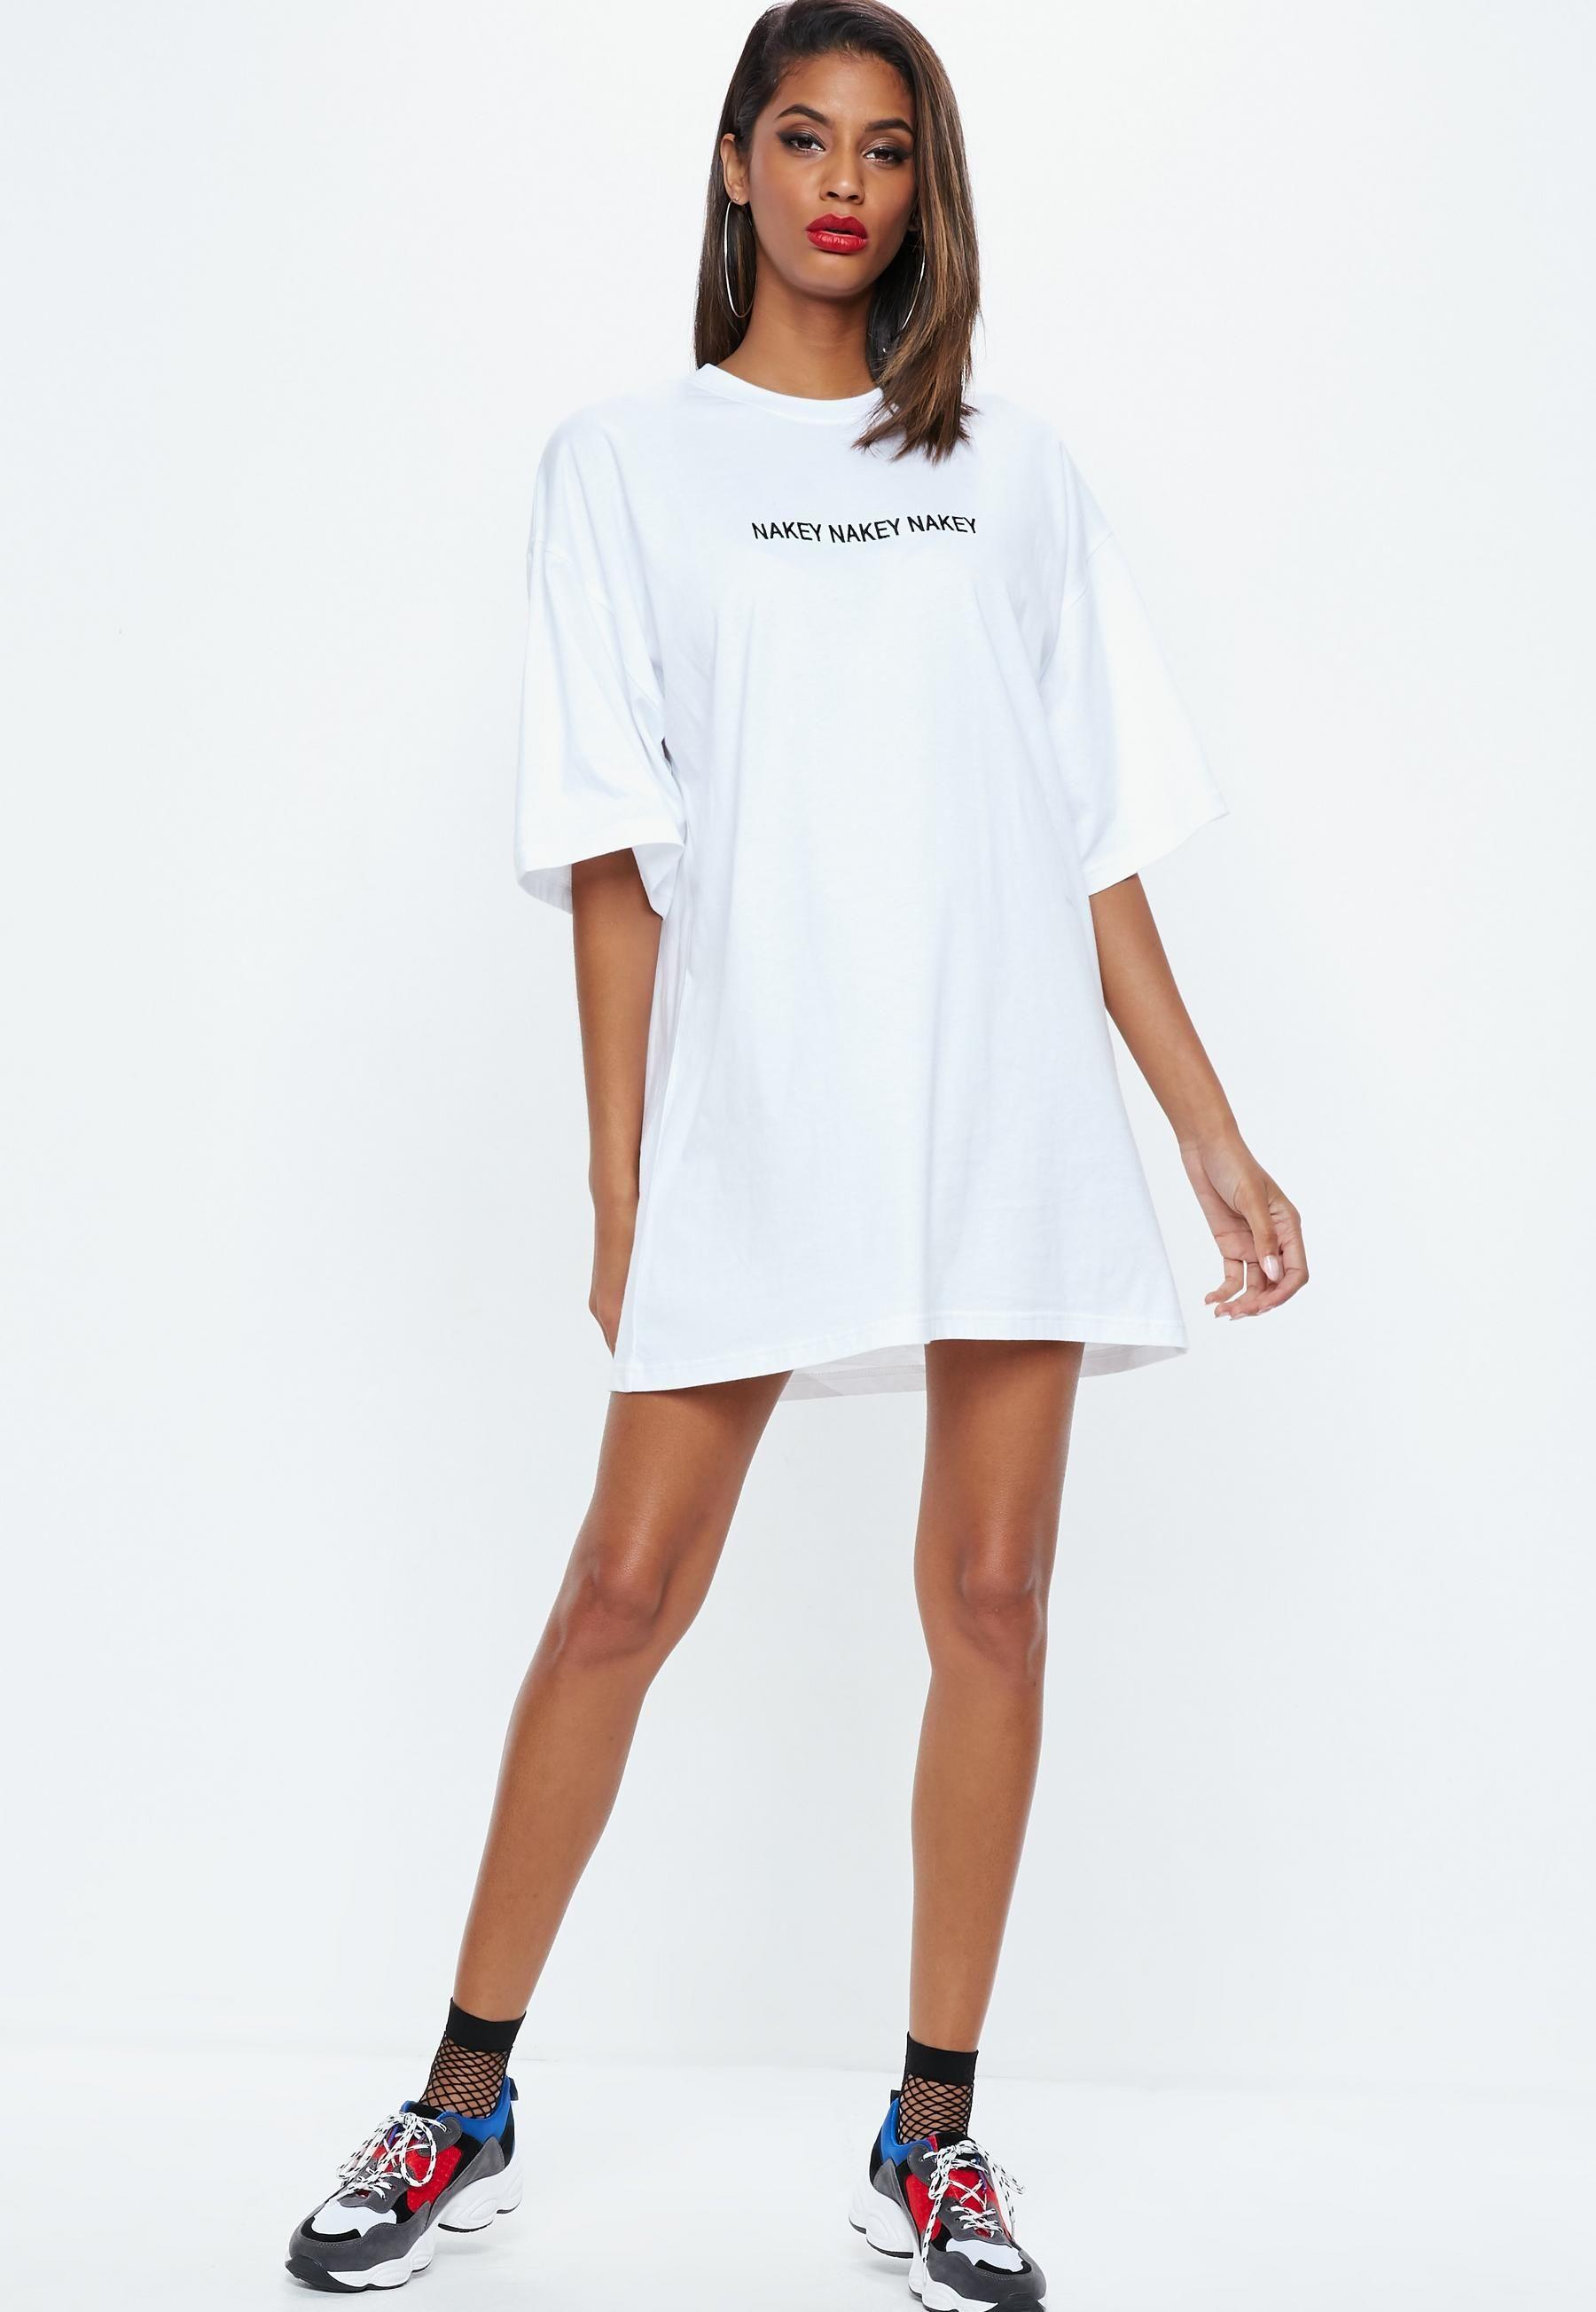 9e399370537 White Nakey Nakey Nakey Slogan Oversized T Shirt Dress